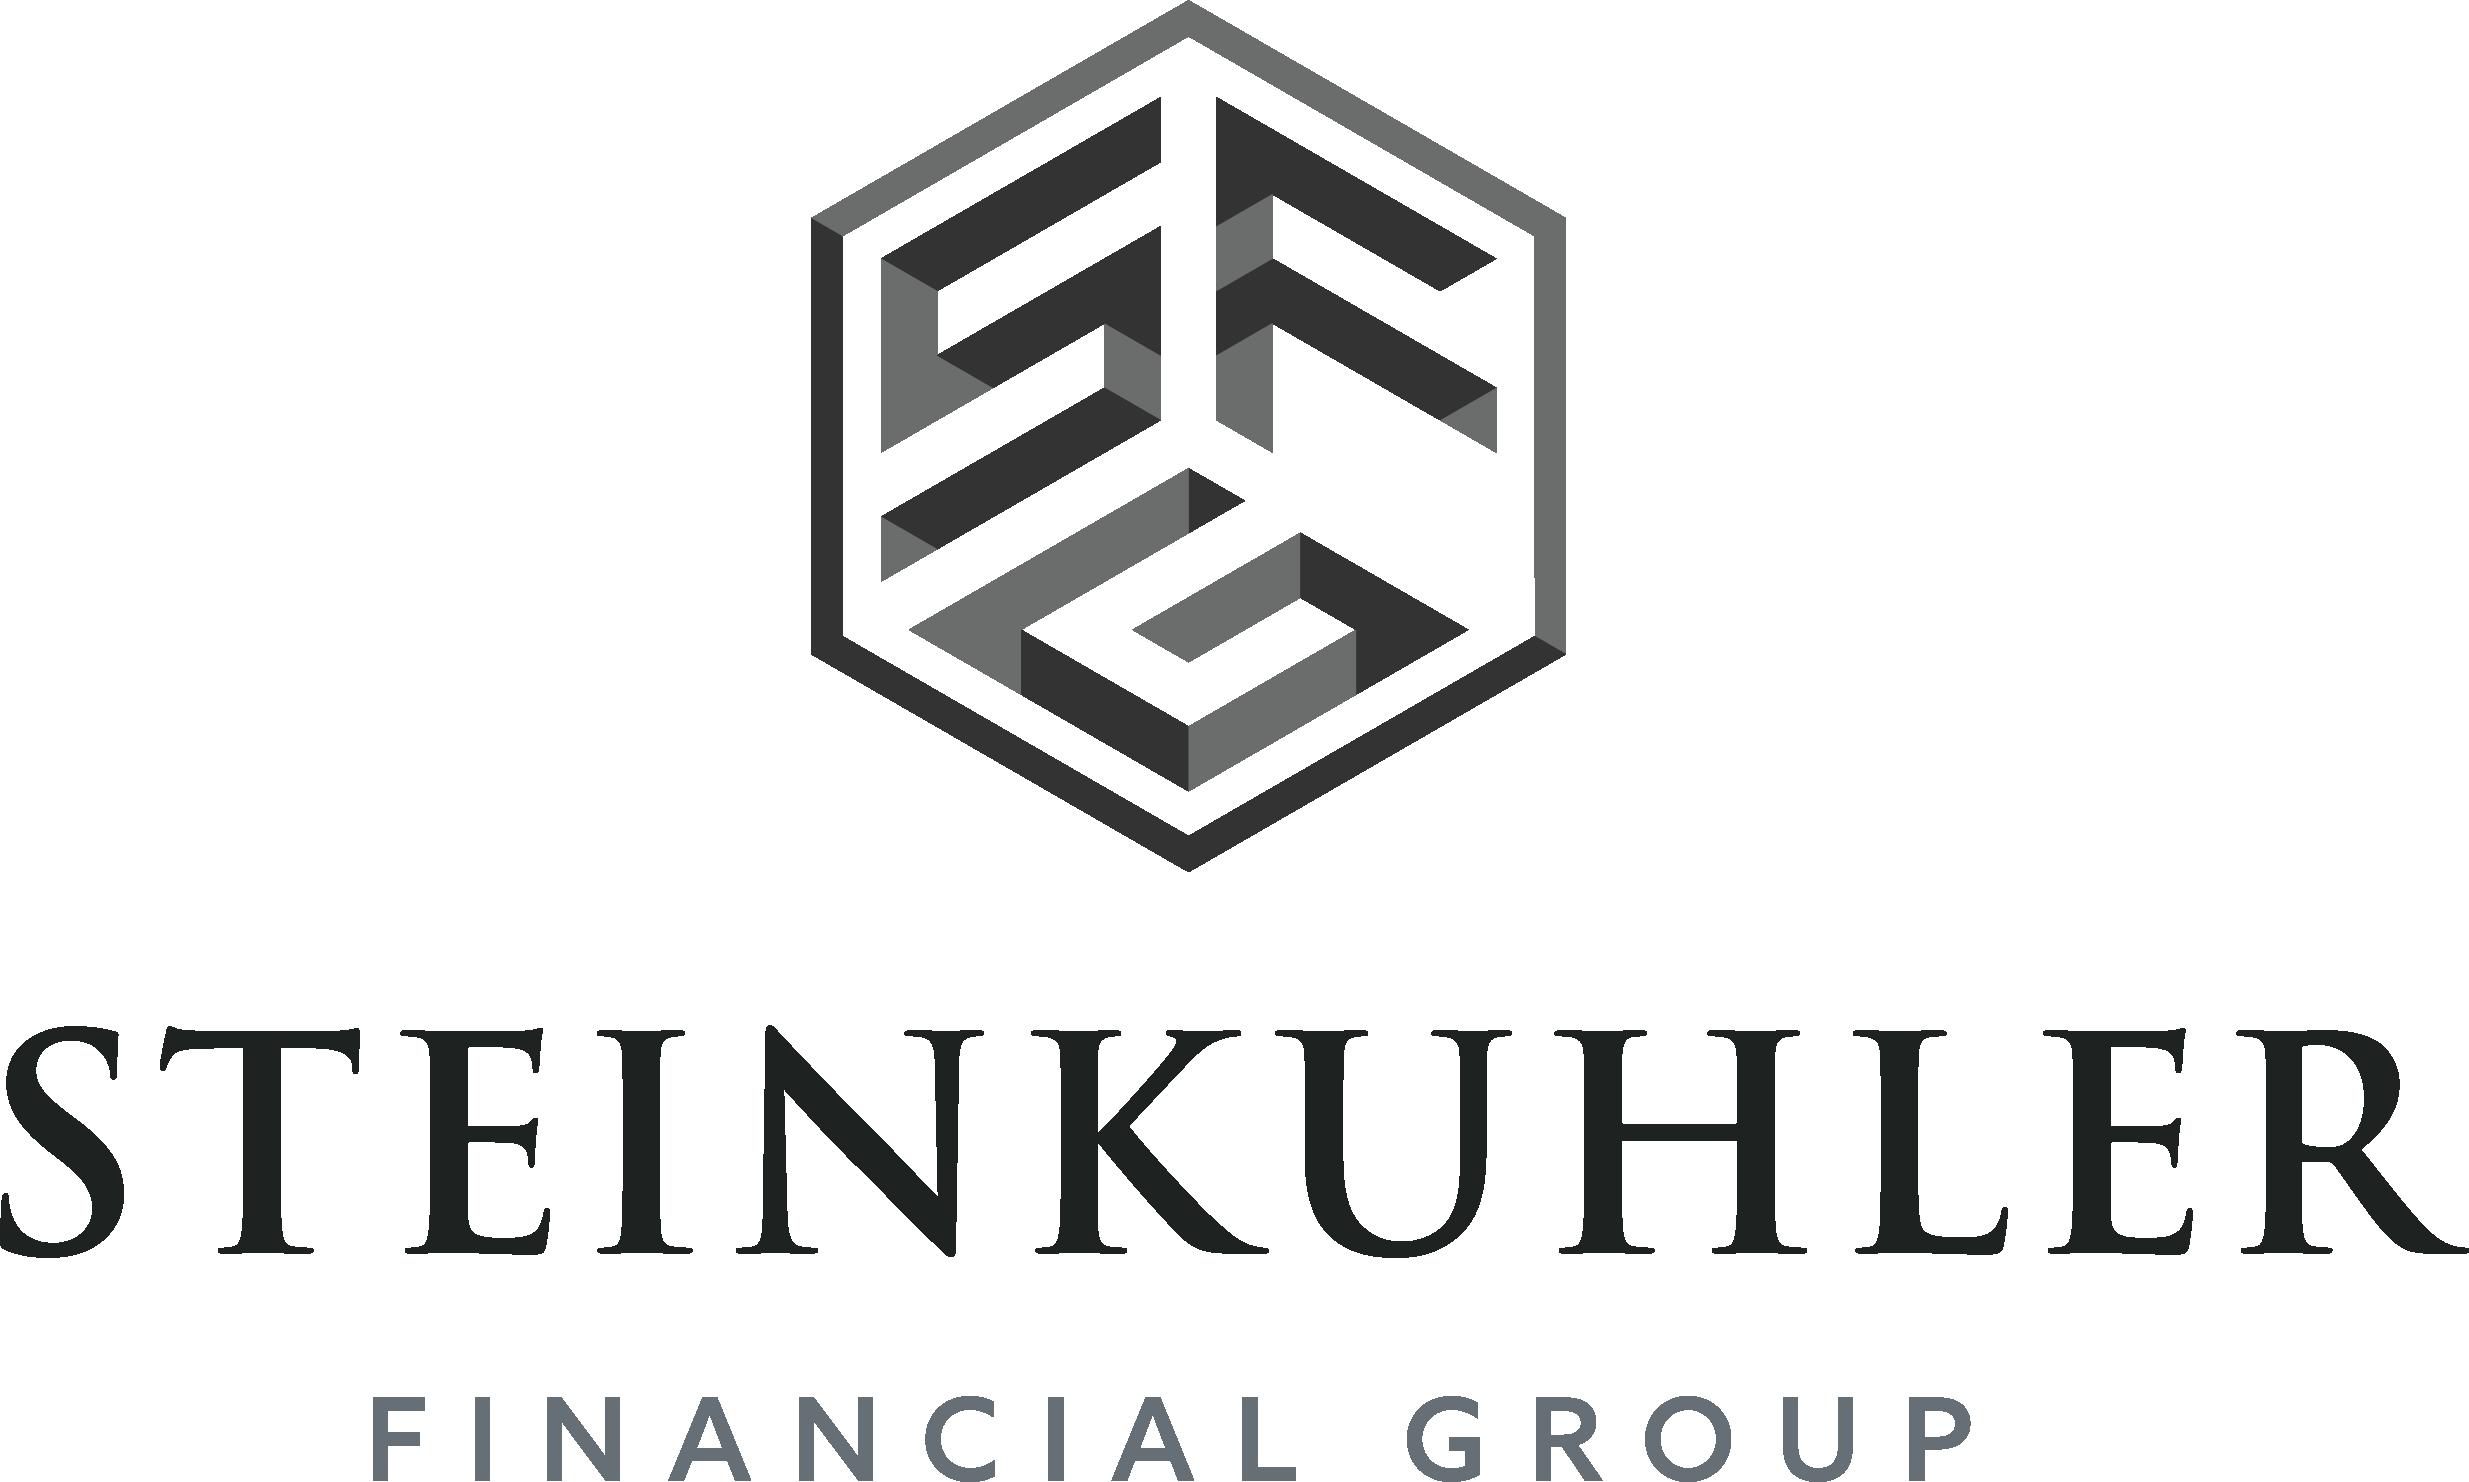 Lincoln, NE financial advisor Steinkuhler Financial Group